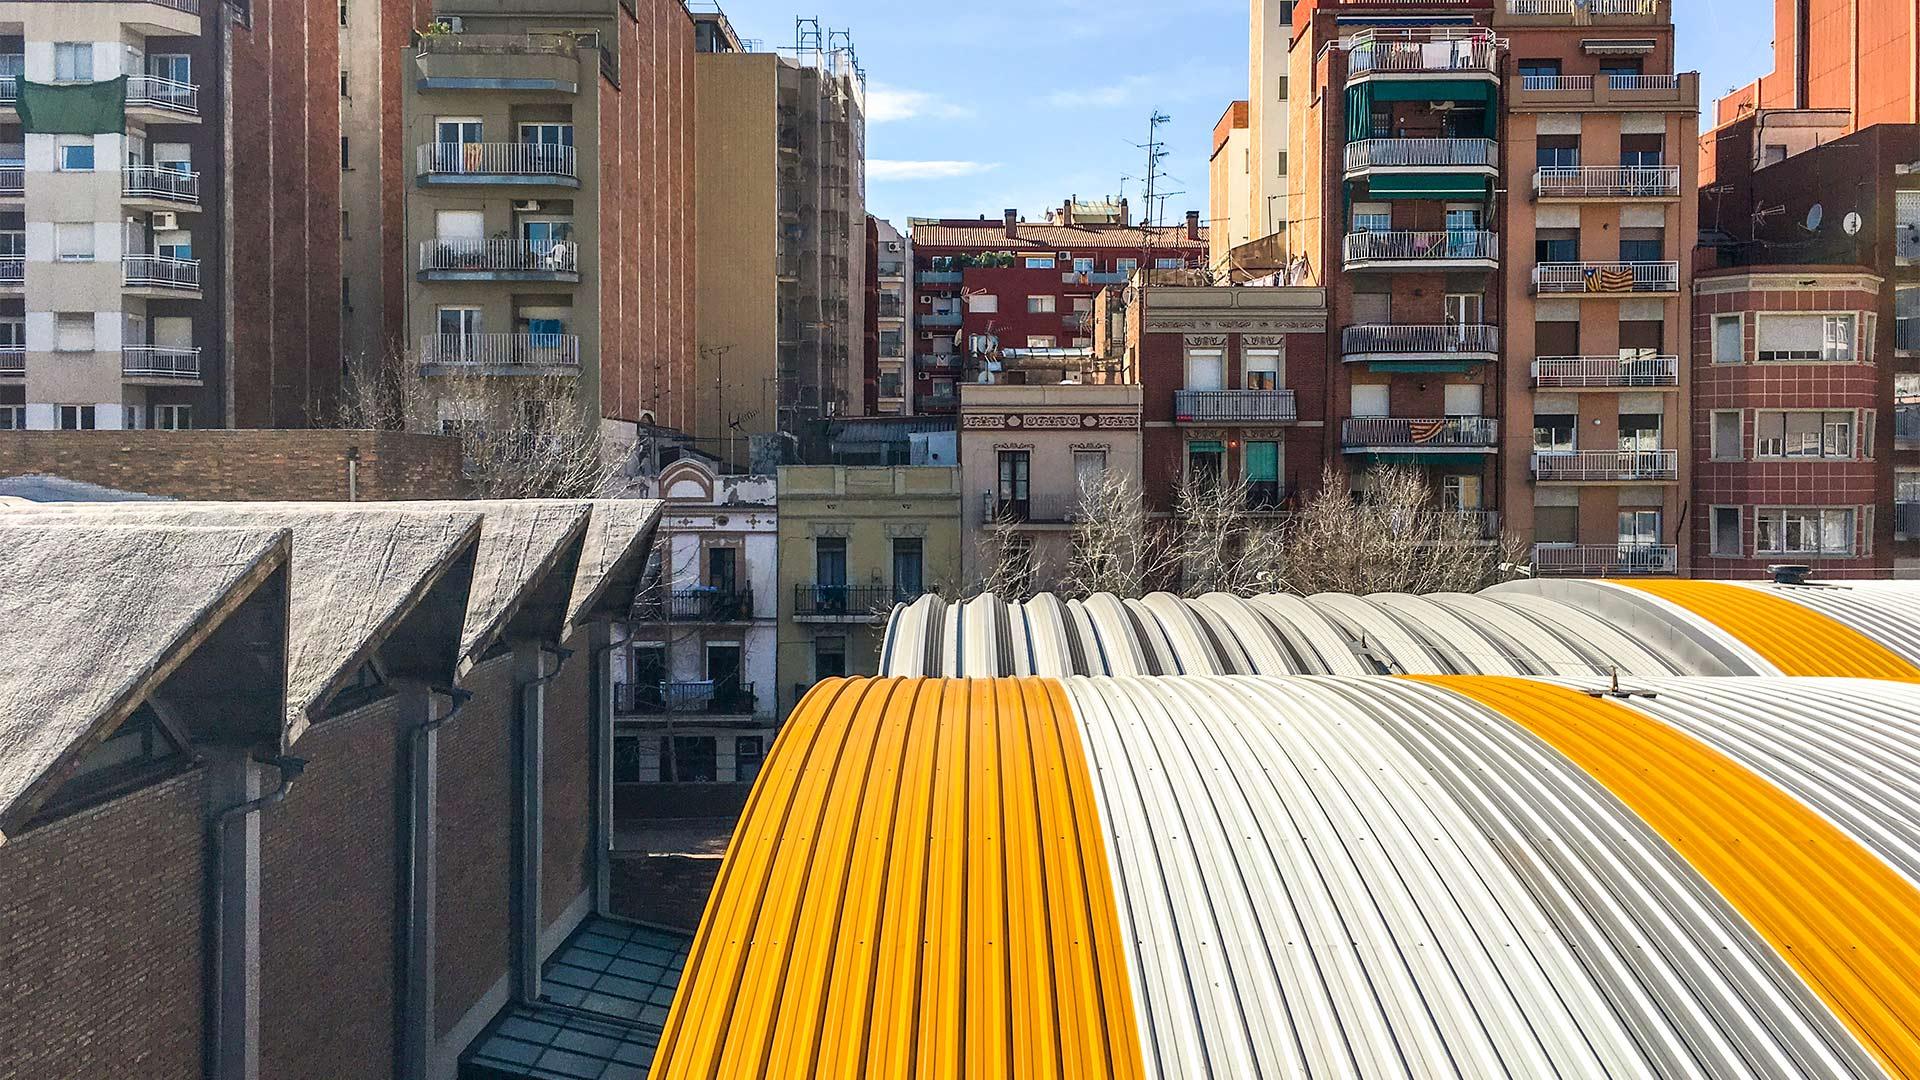 centro civico les corts picharchitects barcelona sostenibilidad